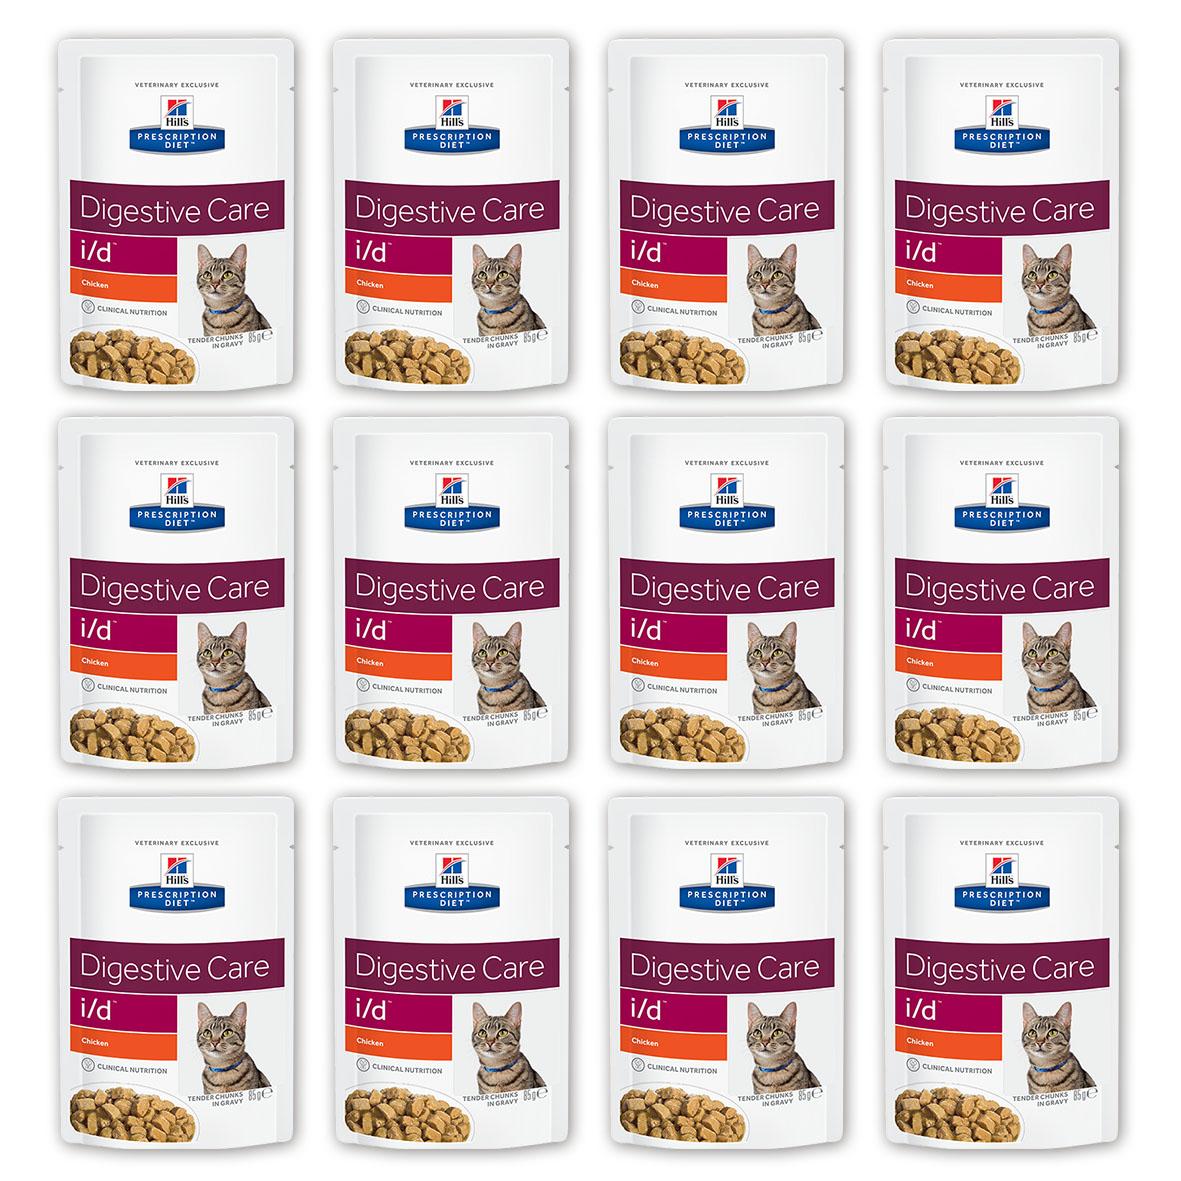 Консервы Hills Prescription Diet. I/D для кошек с заболеваниями ЖКТ, с курицей, 85 г, 12 шт3407_12Консервы Hills Prescription Diet. I/D рекомендуются: - При заболеваниях желудочно-кишечного тракта: гастрите, энтерите, колите (наиболее распространенные причины диареи). - Для восстановления после хирургической операции на желудочно-кишечном тракте. - При недостаточности экзокринной функции поджелудочной железы. - При панкреатите без гиперлипидемии. - Для восстановления после легких хирургических процедур и состояний, незначительно ослабляющих организм. - Для котят в качестве повседневного питания. Обеспечивает полноценное сбалансированное питание котятам (в течение короткого периода) и взрослым кошкам. Не рекомендуется кошкам с задержкой натрия в организме. Ключевые преимущества: - Высокая перевариваемость продукта улучшает всасывание нутриентов и способствует восстановлению желудочно-кишечного тракта. - Содержание жиров снижено, что помогает уменьшить стеаторею (маслянистый стул). - Повышенное содержание...